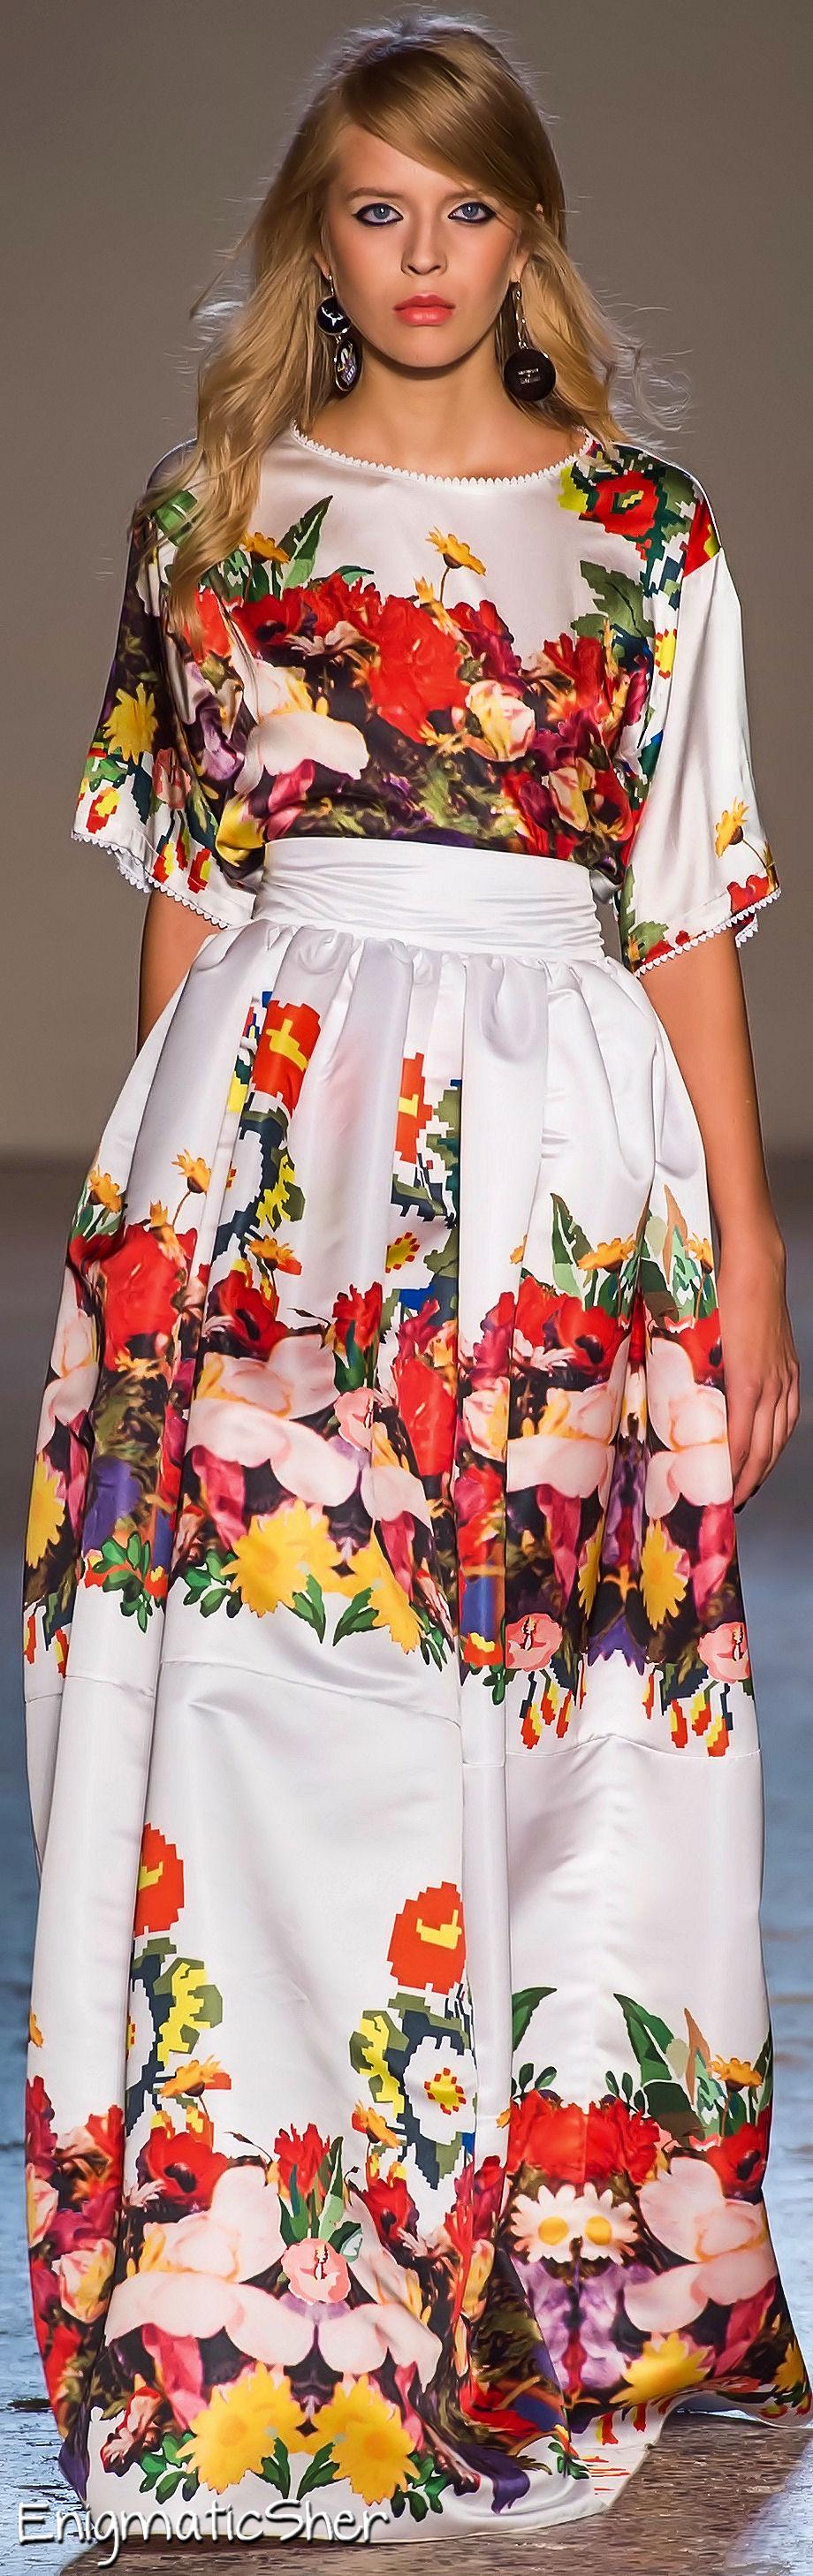 Leitmotiv Spring Summer 2015 Ready-To-Wear